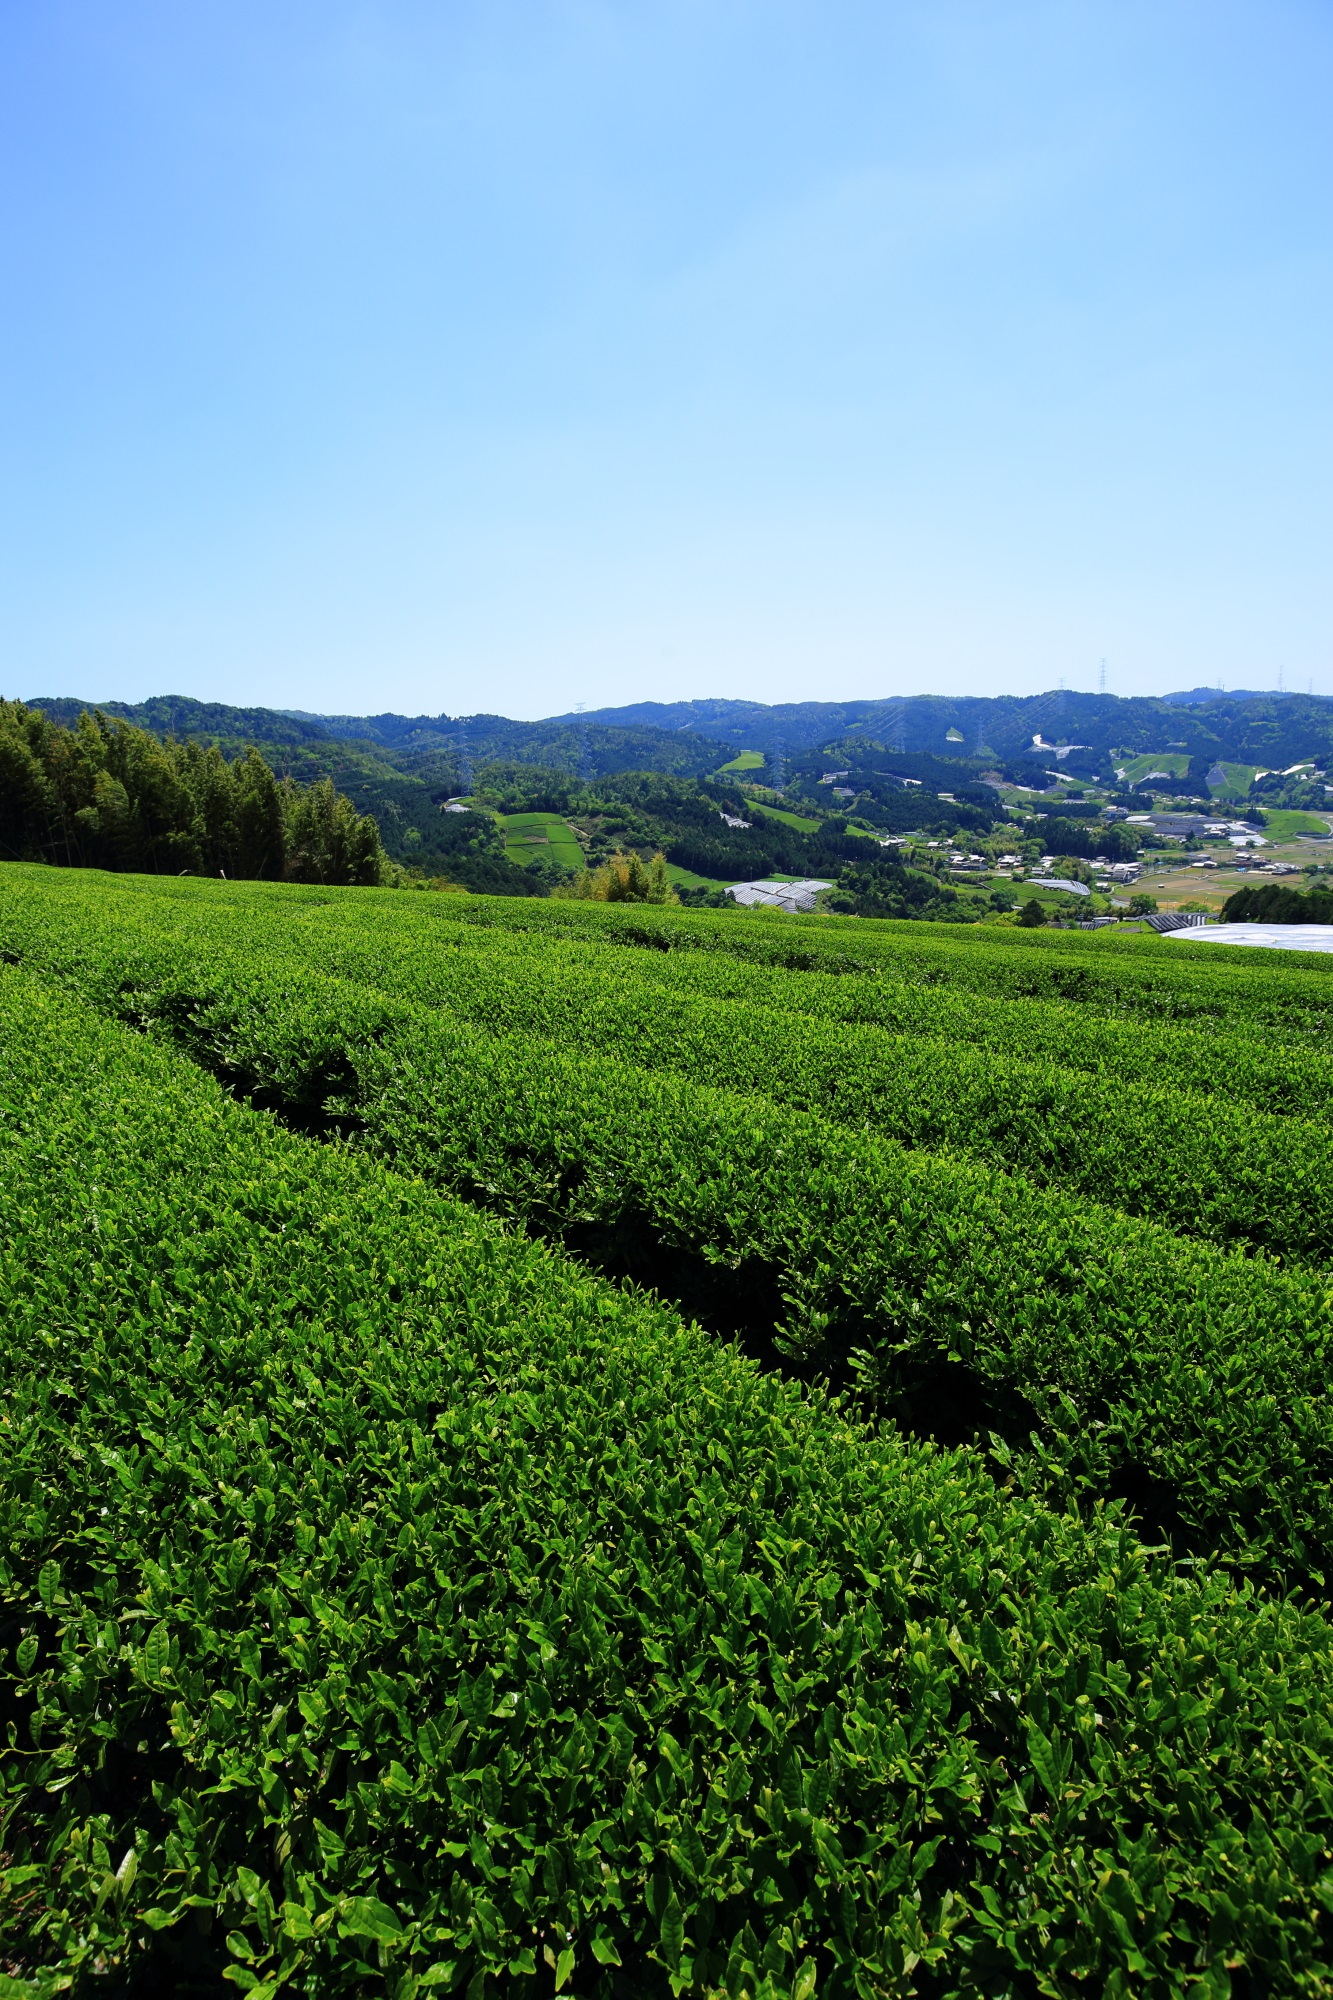 絶品の緑のお茶畑につつまれる春の長閑な風景